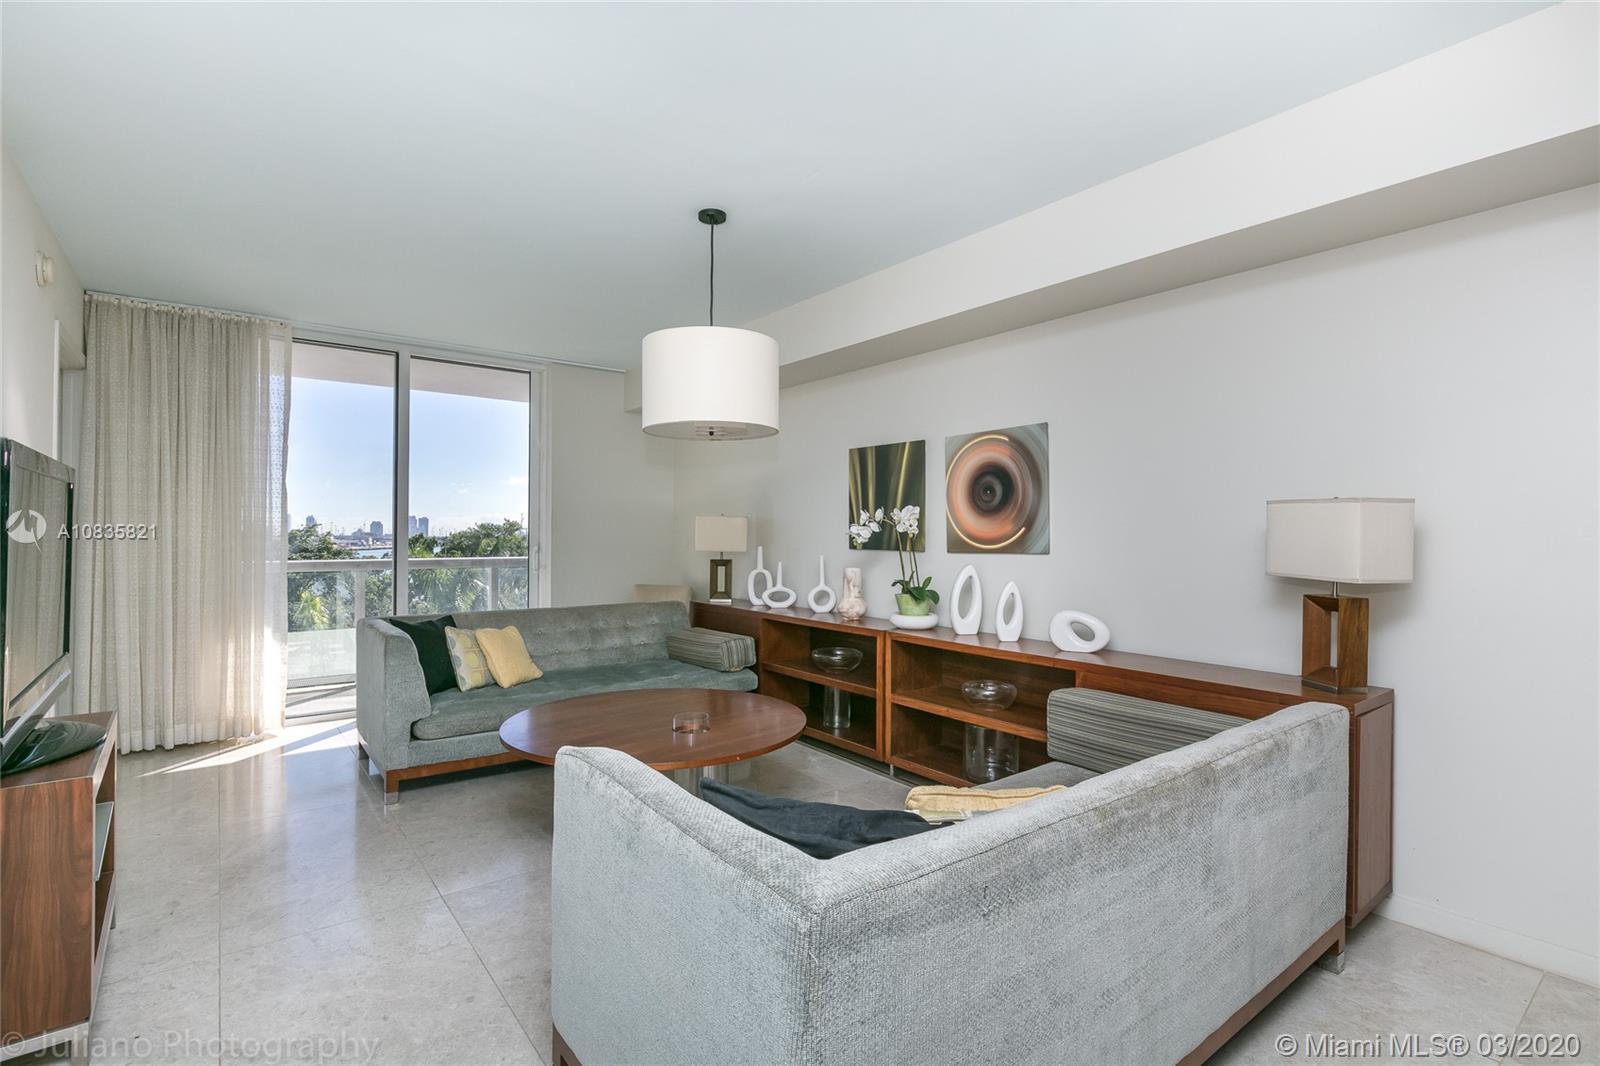 Property 50 Biscayne Blvd #504 image 2